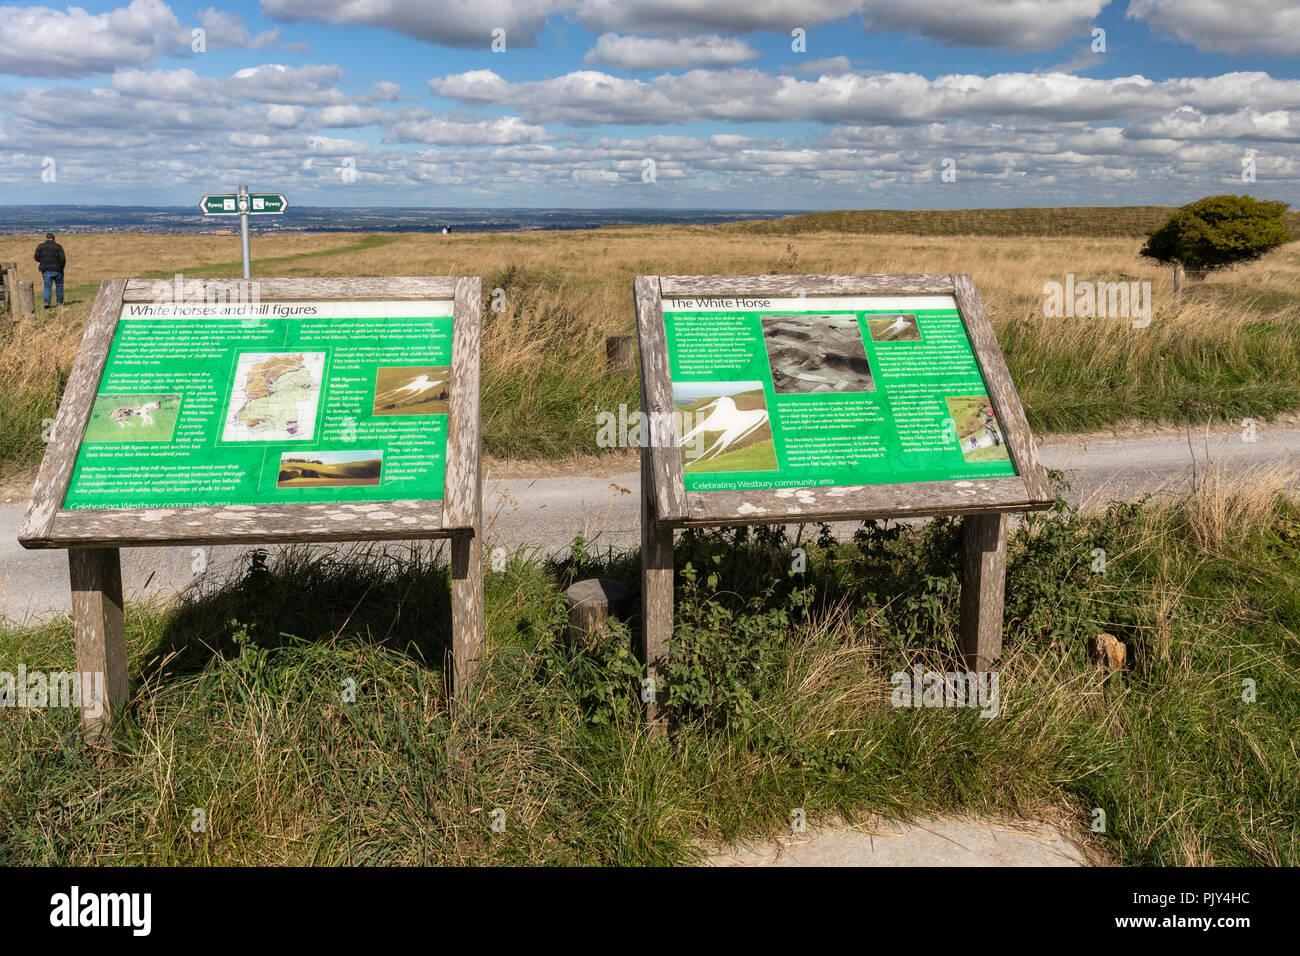 Interpretation boards at Westbury White Horse, Westbury, Wiltshire, UK - Stock Image